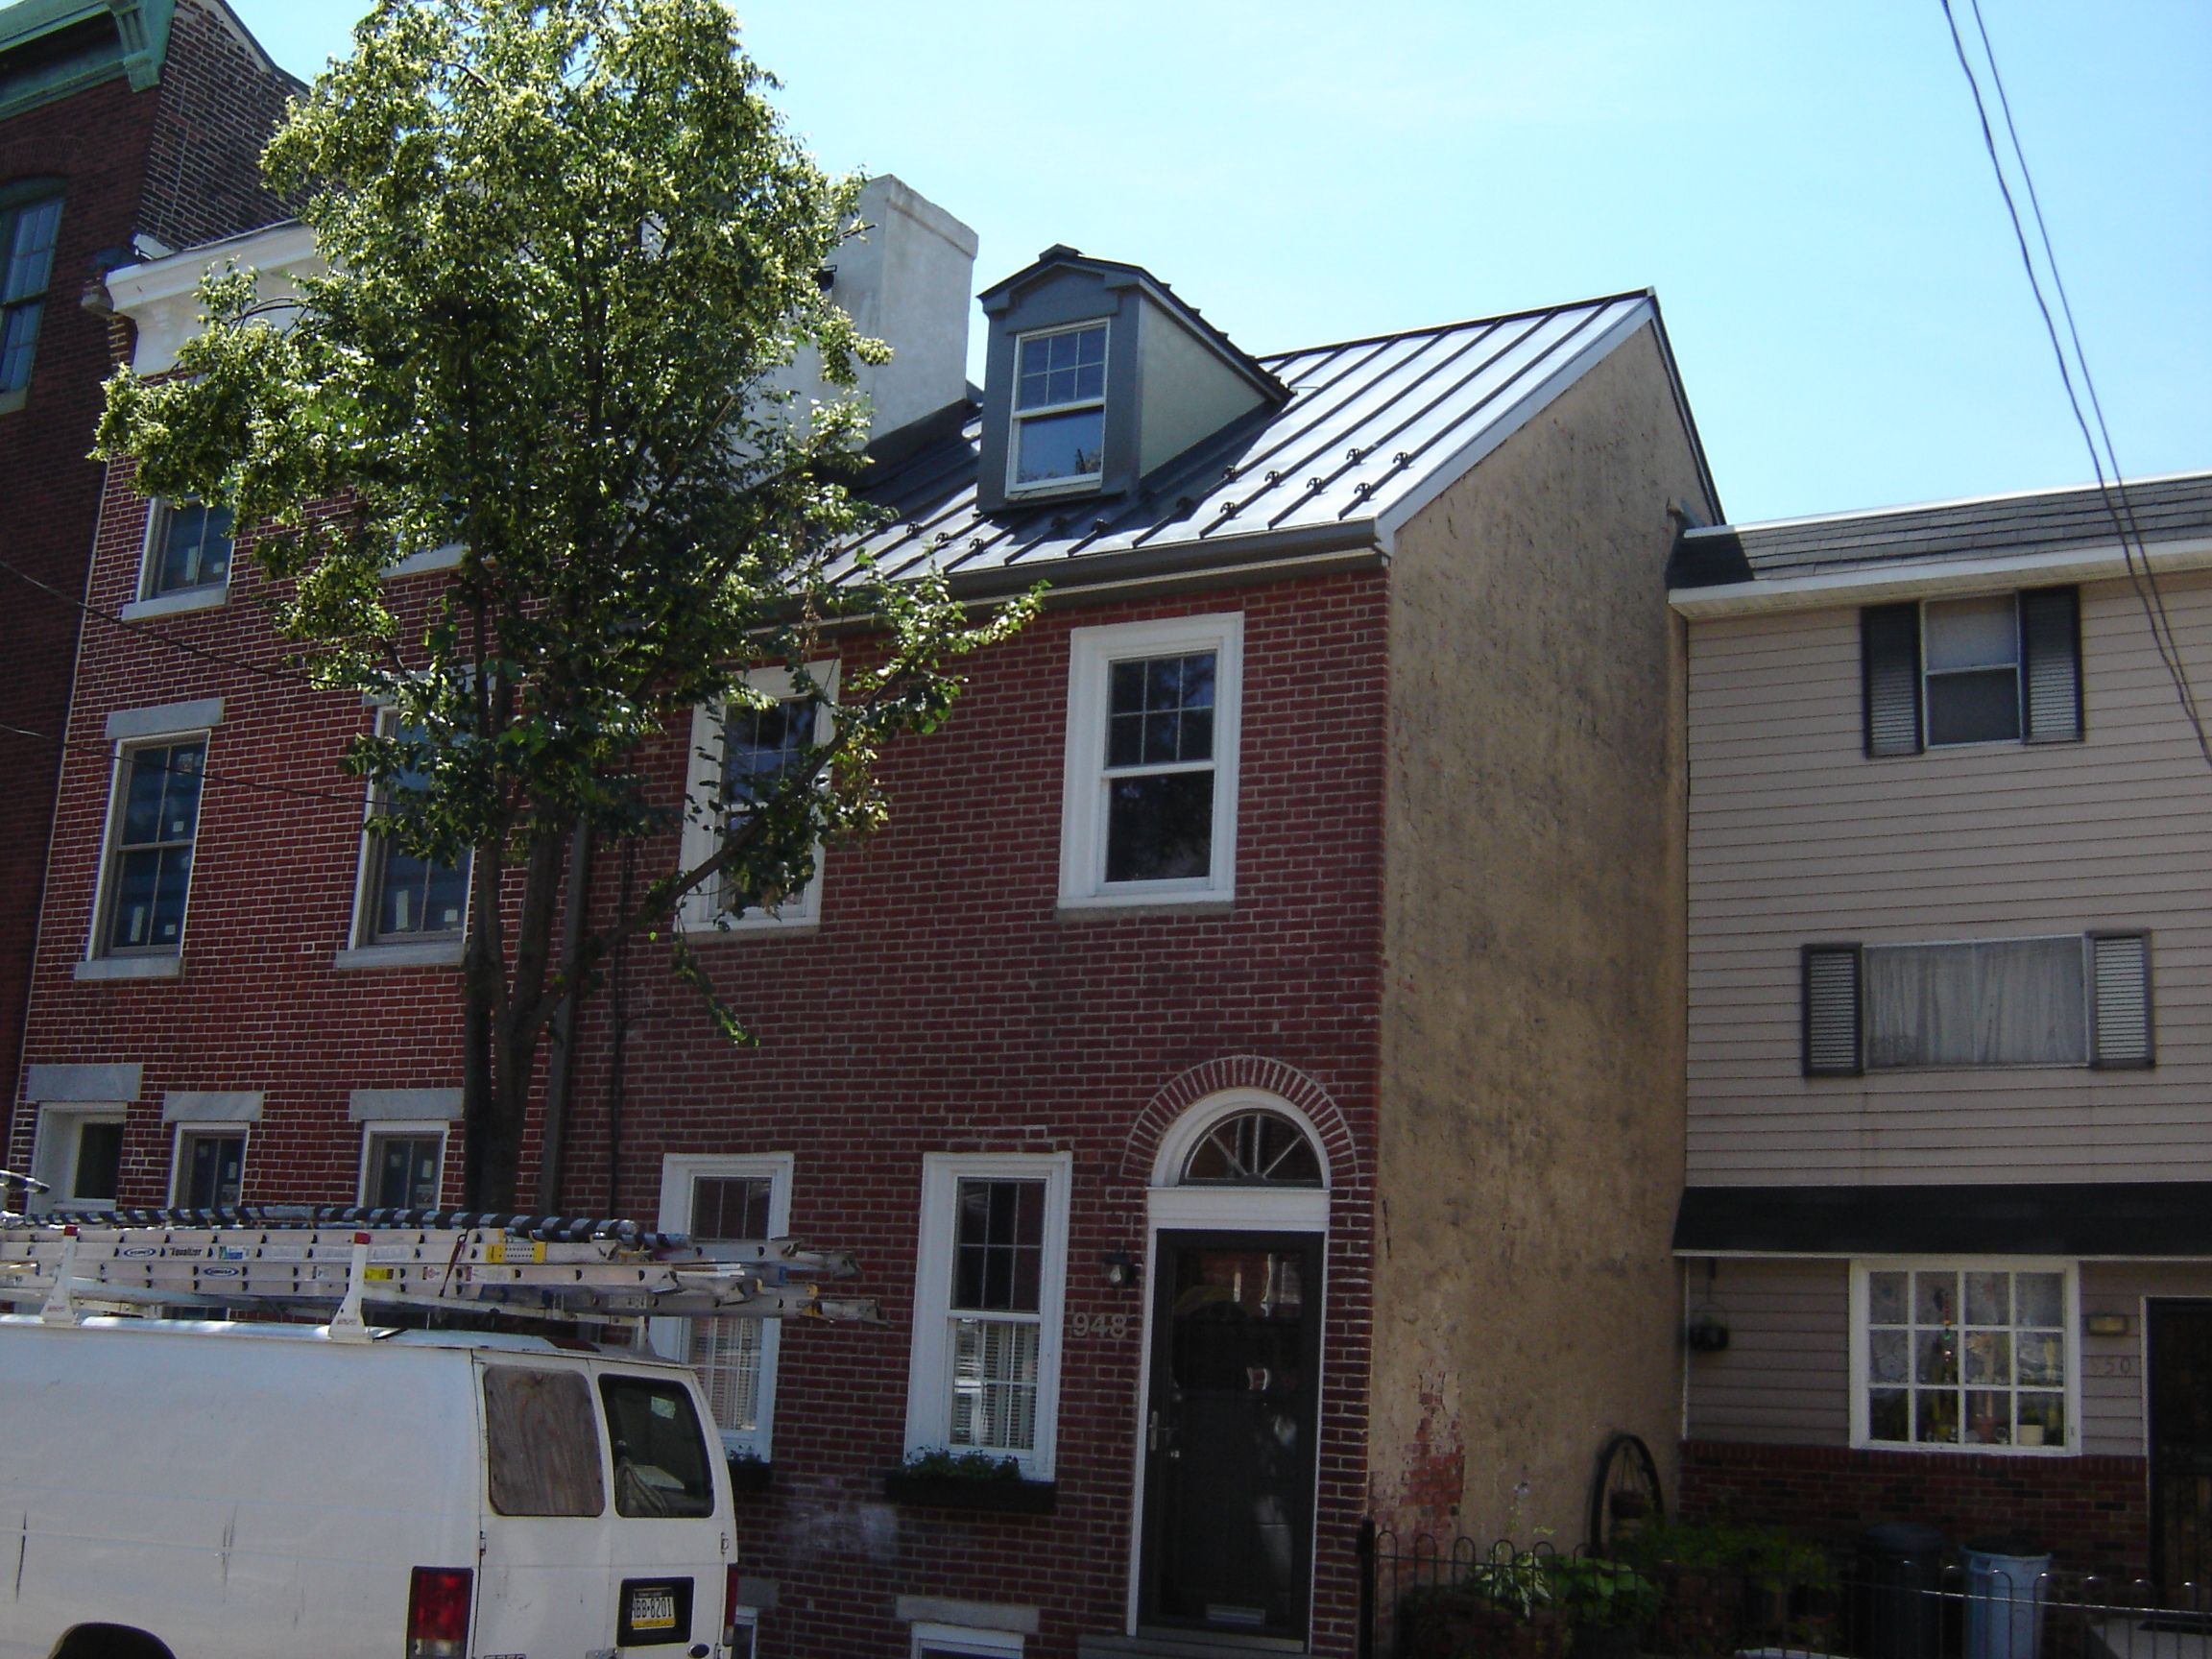 Drexel Metals Charcoal Gray Metal Roof City Of